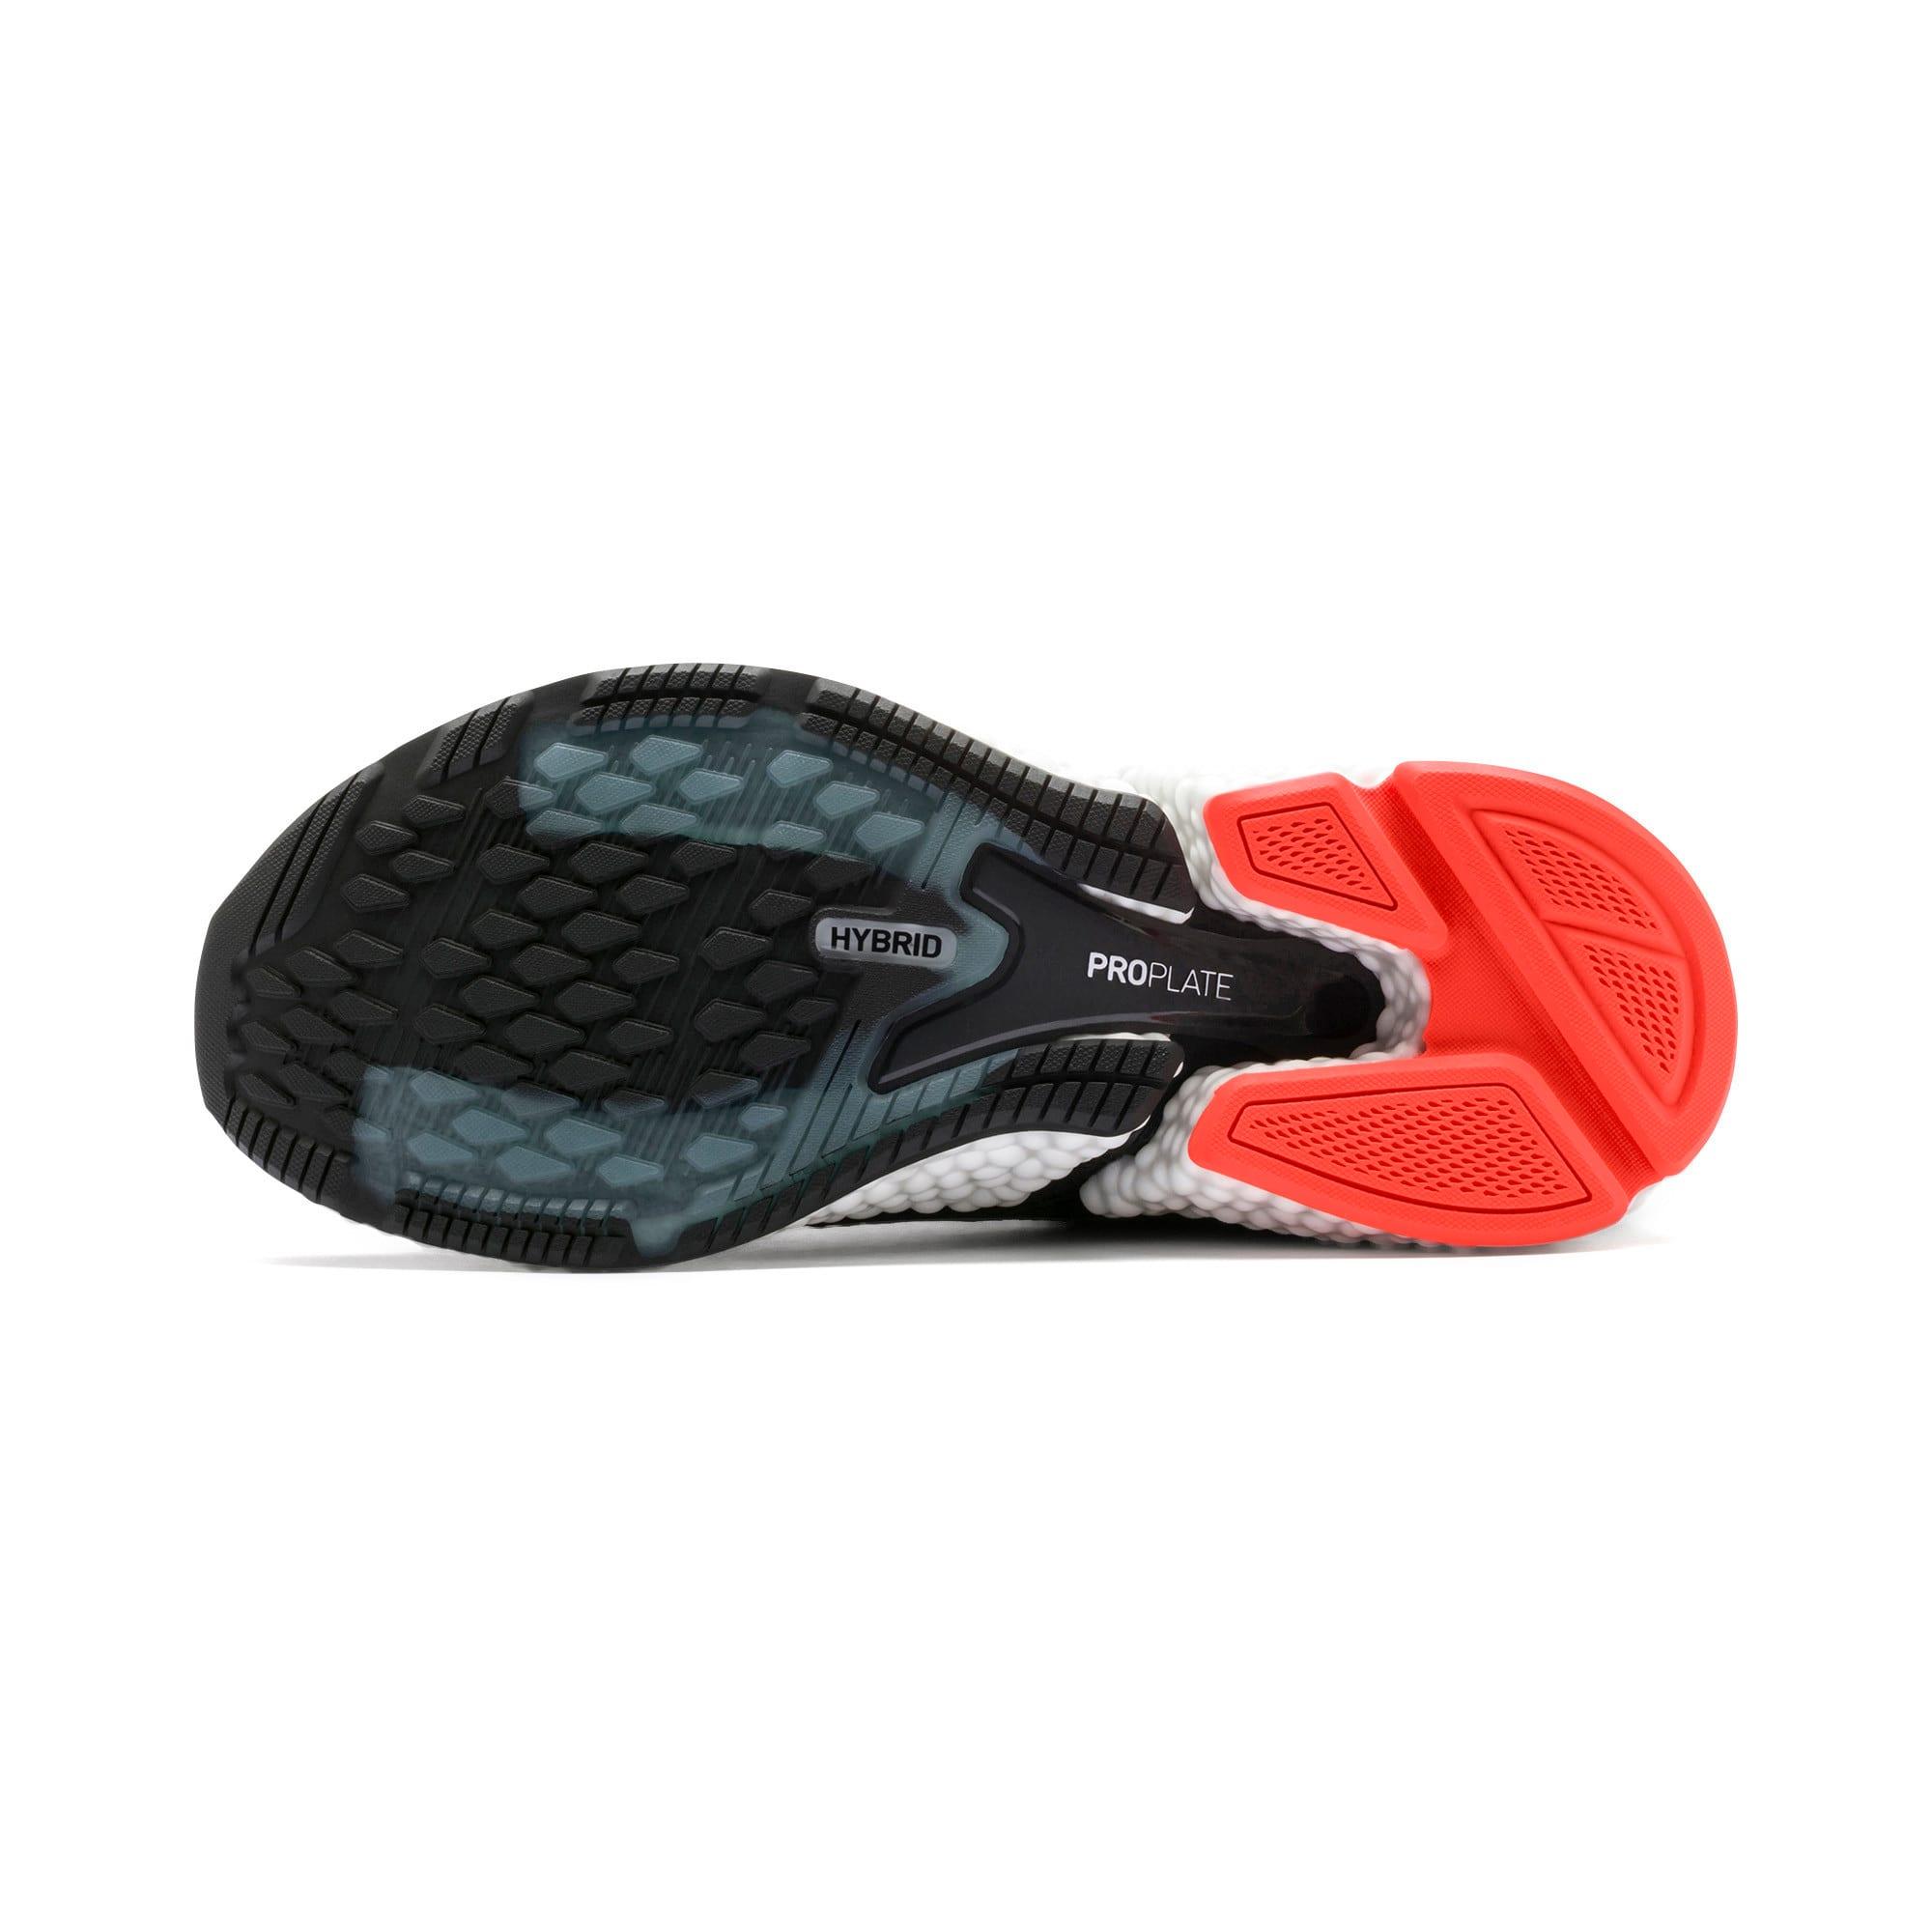 Thumbnail 5 of HYBRID SPEED Orbiter Women's Running Shoes, Black-Red-Milky Blue-White, medium